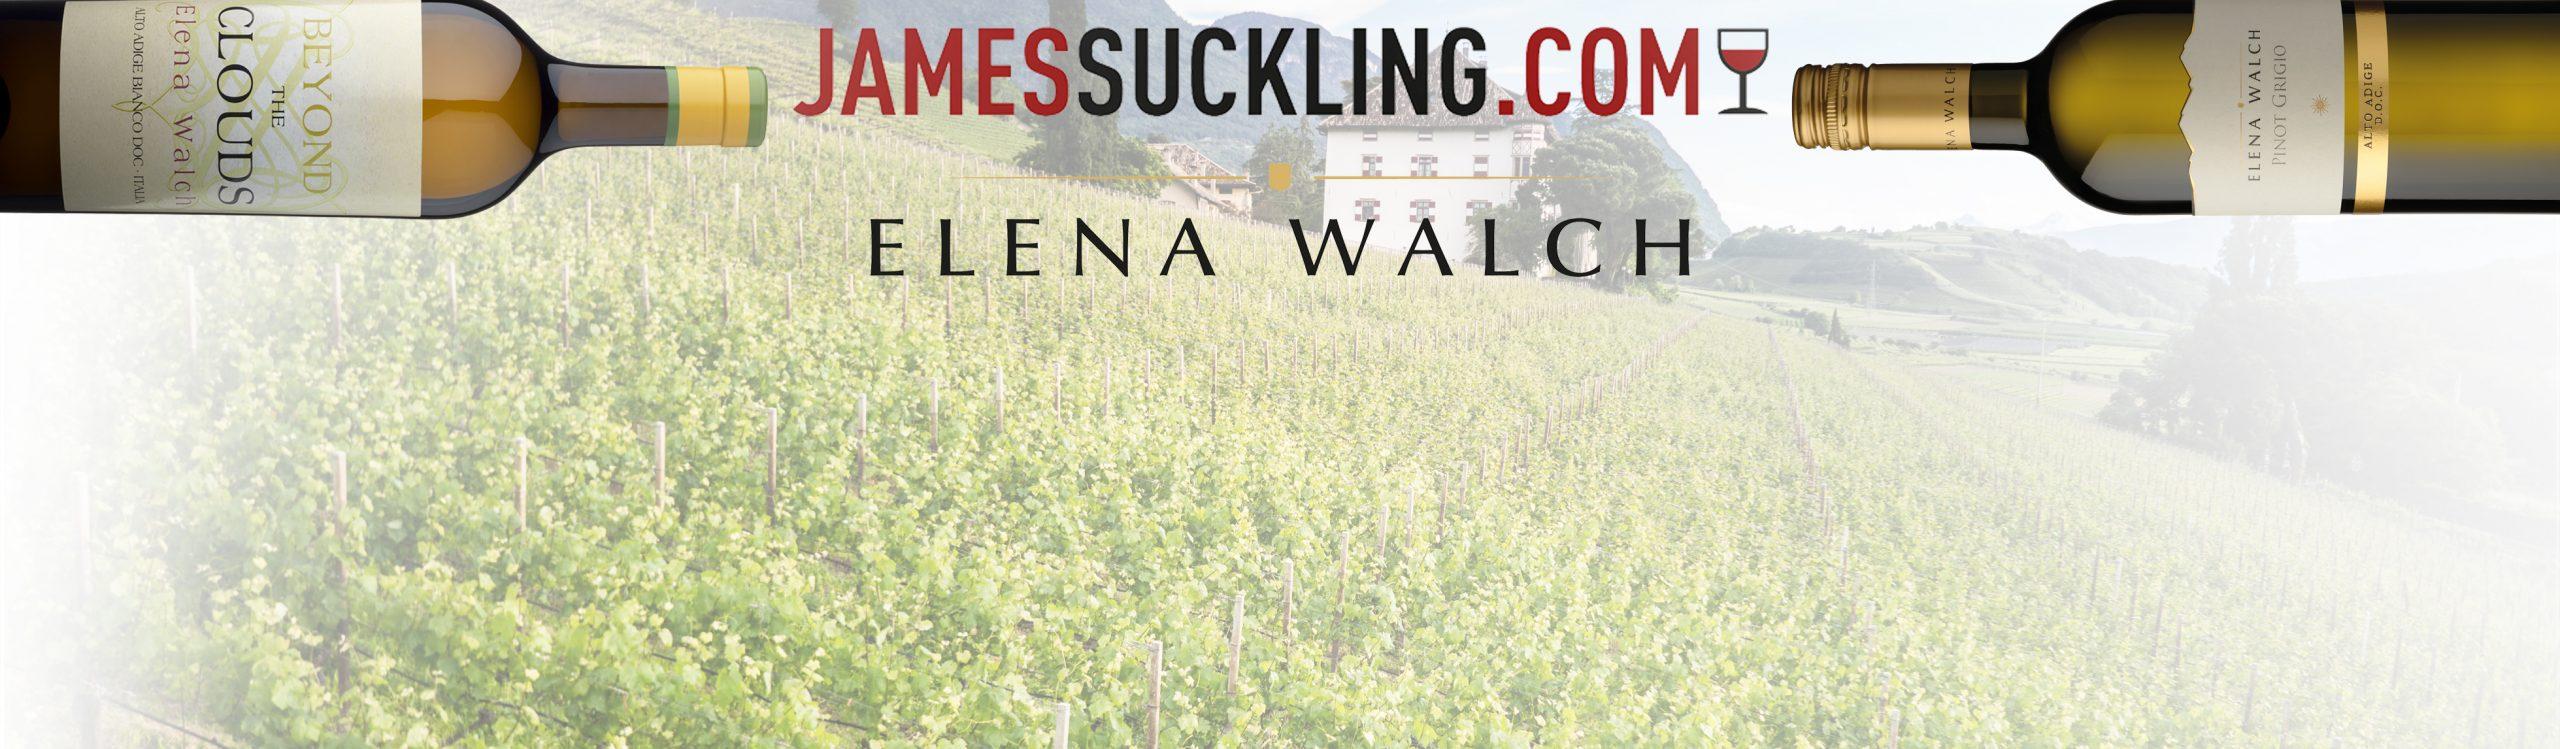 Hoge scores James Suckling voor Elena Walch